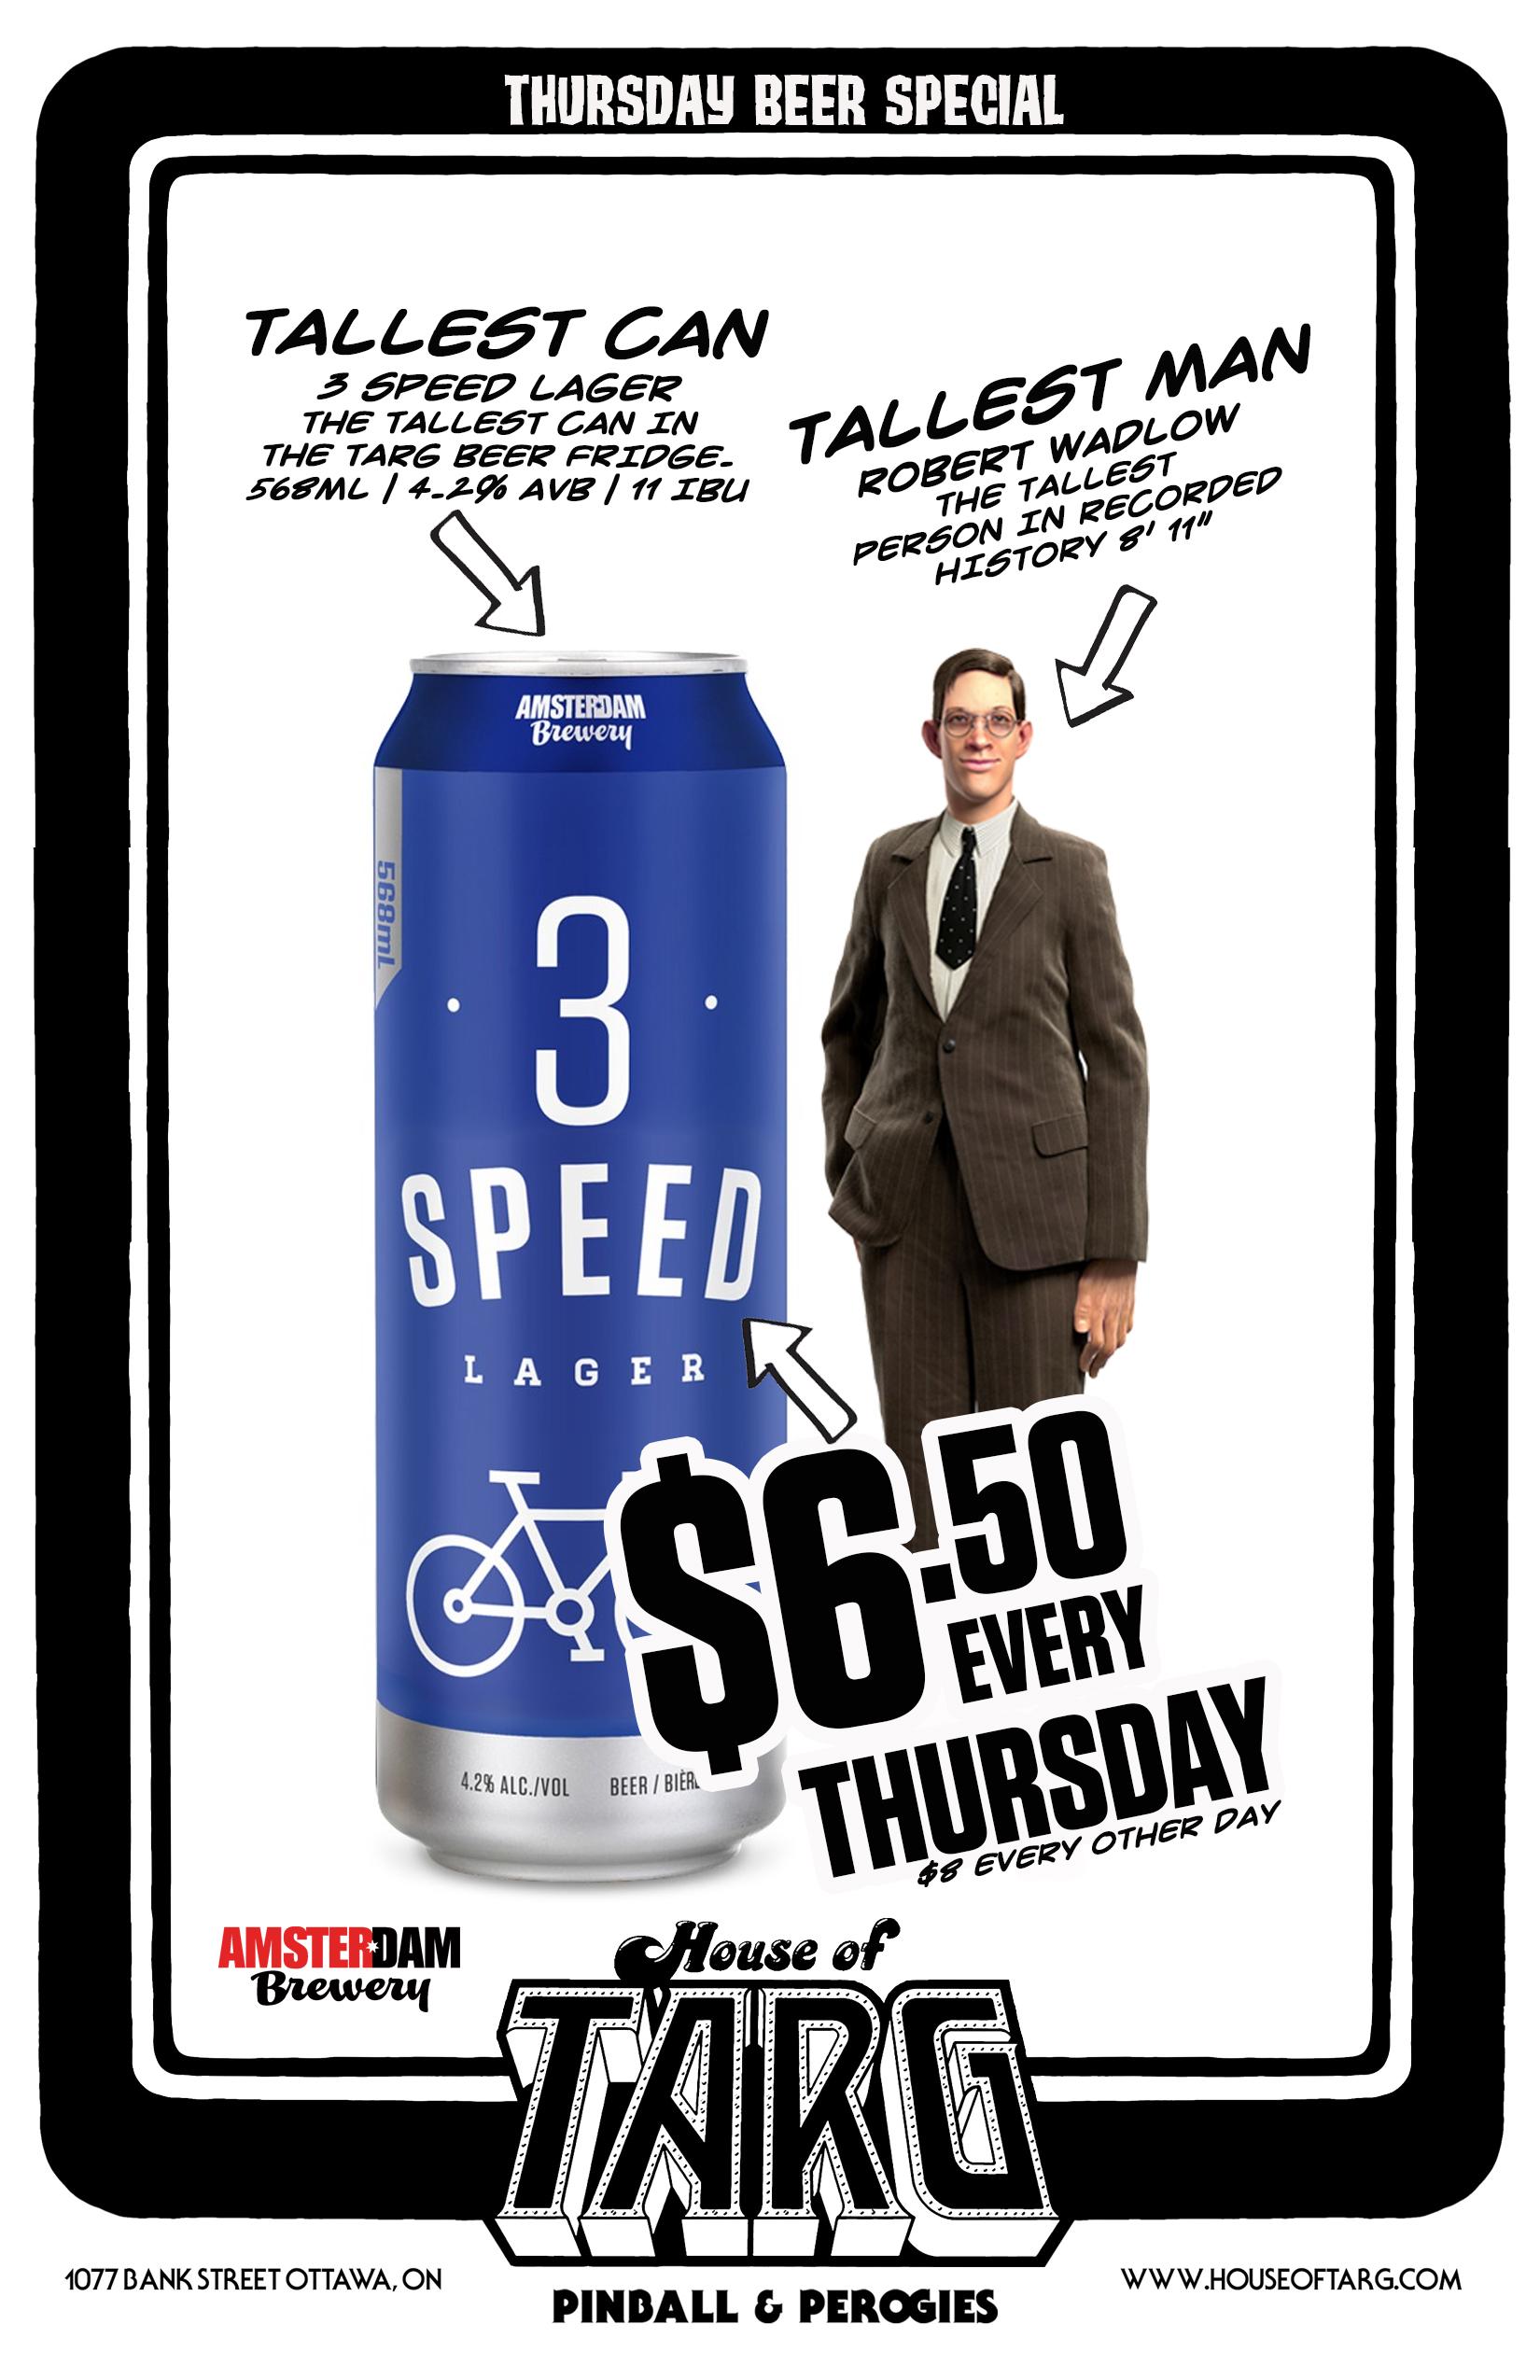 3 speed thurs Promo.jpg